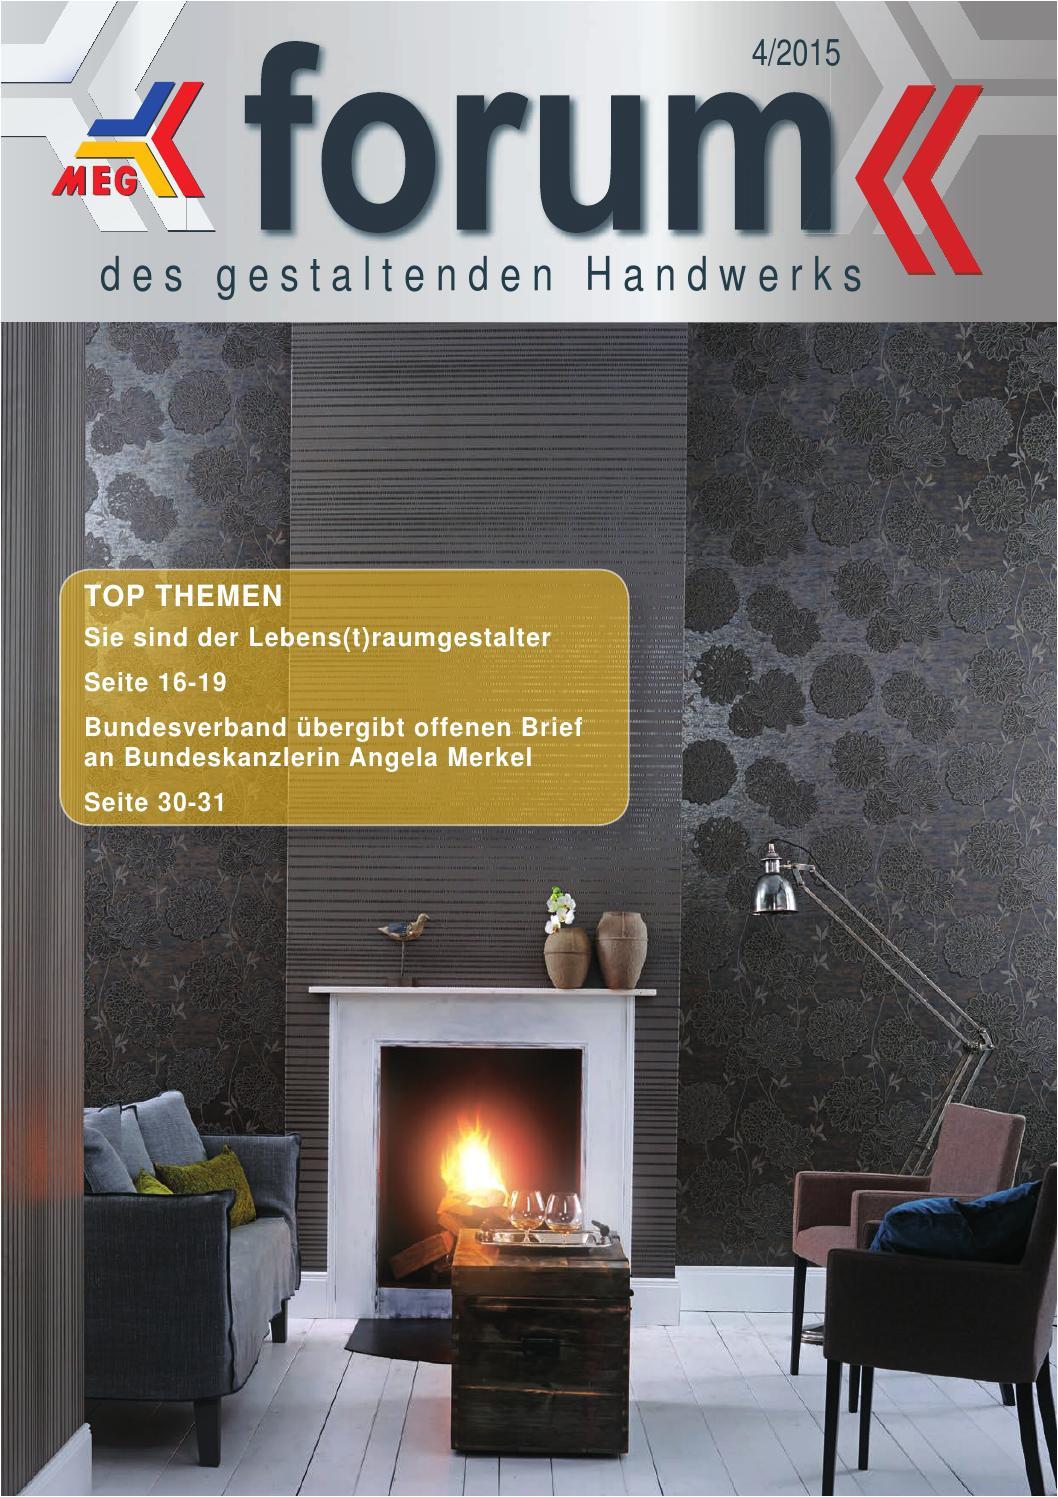 Fireplace Xtrordinair Model 44 Elite forum 04 2015 Final Webseite Klein by Creavo issuu